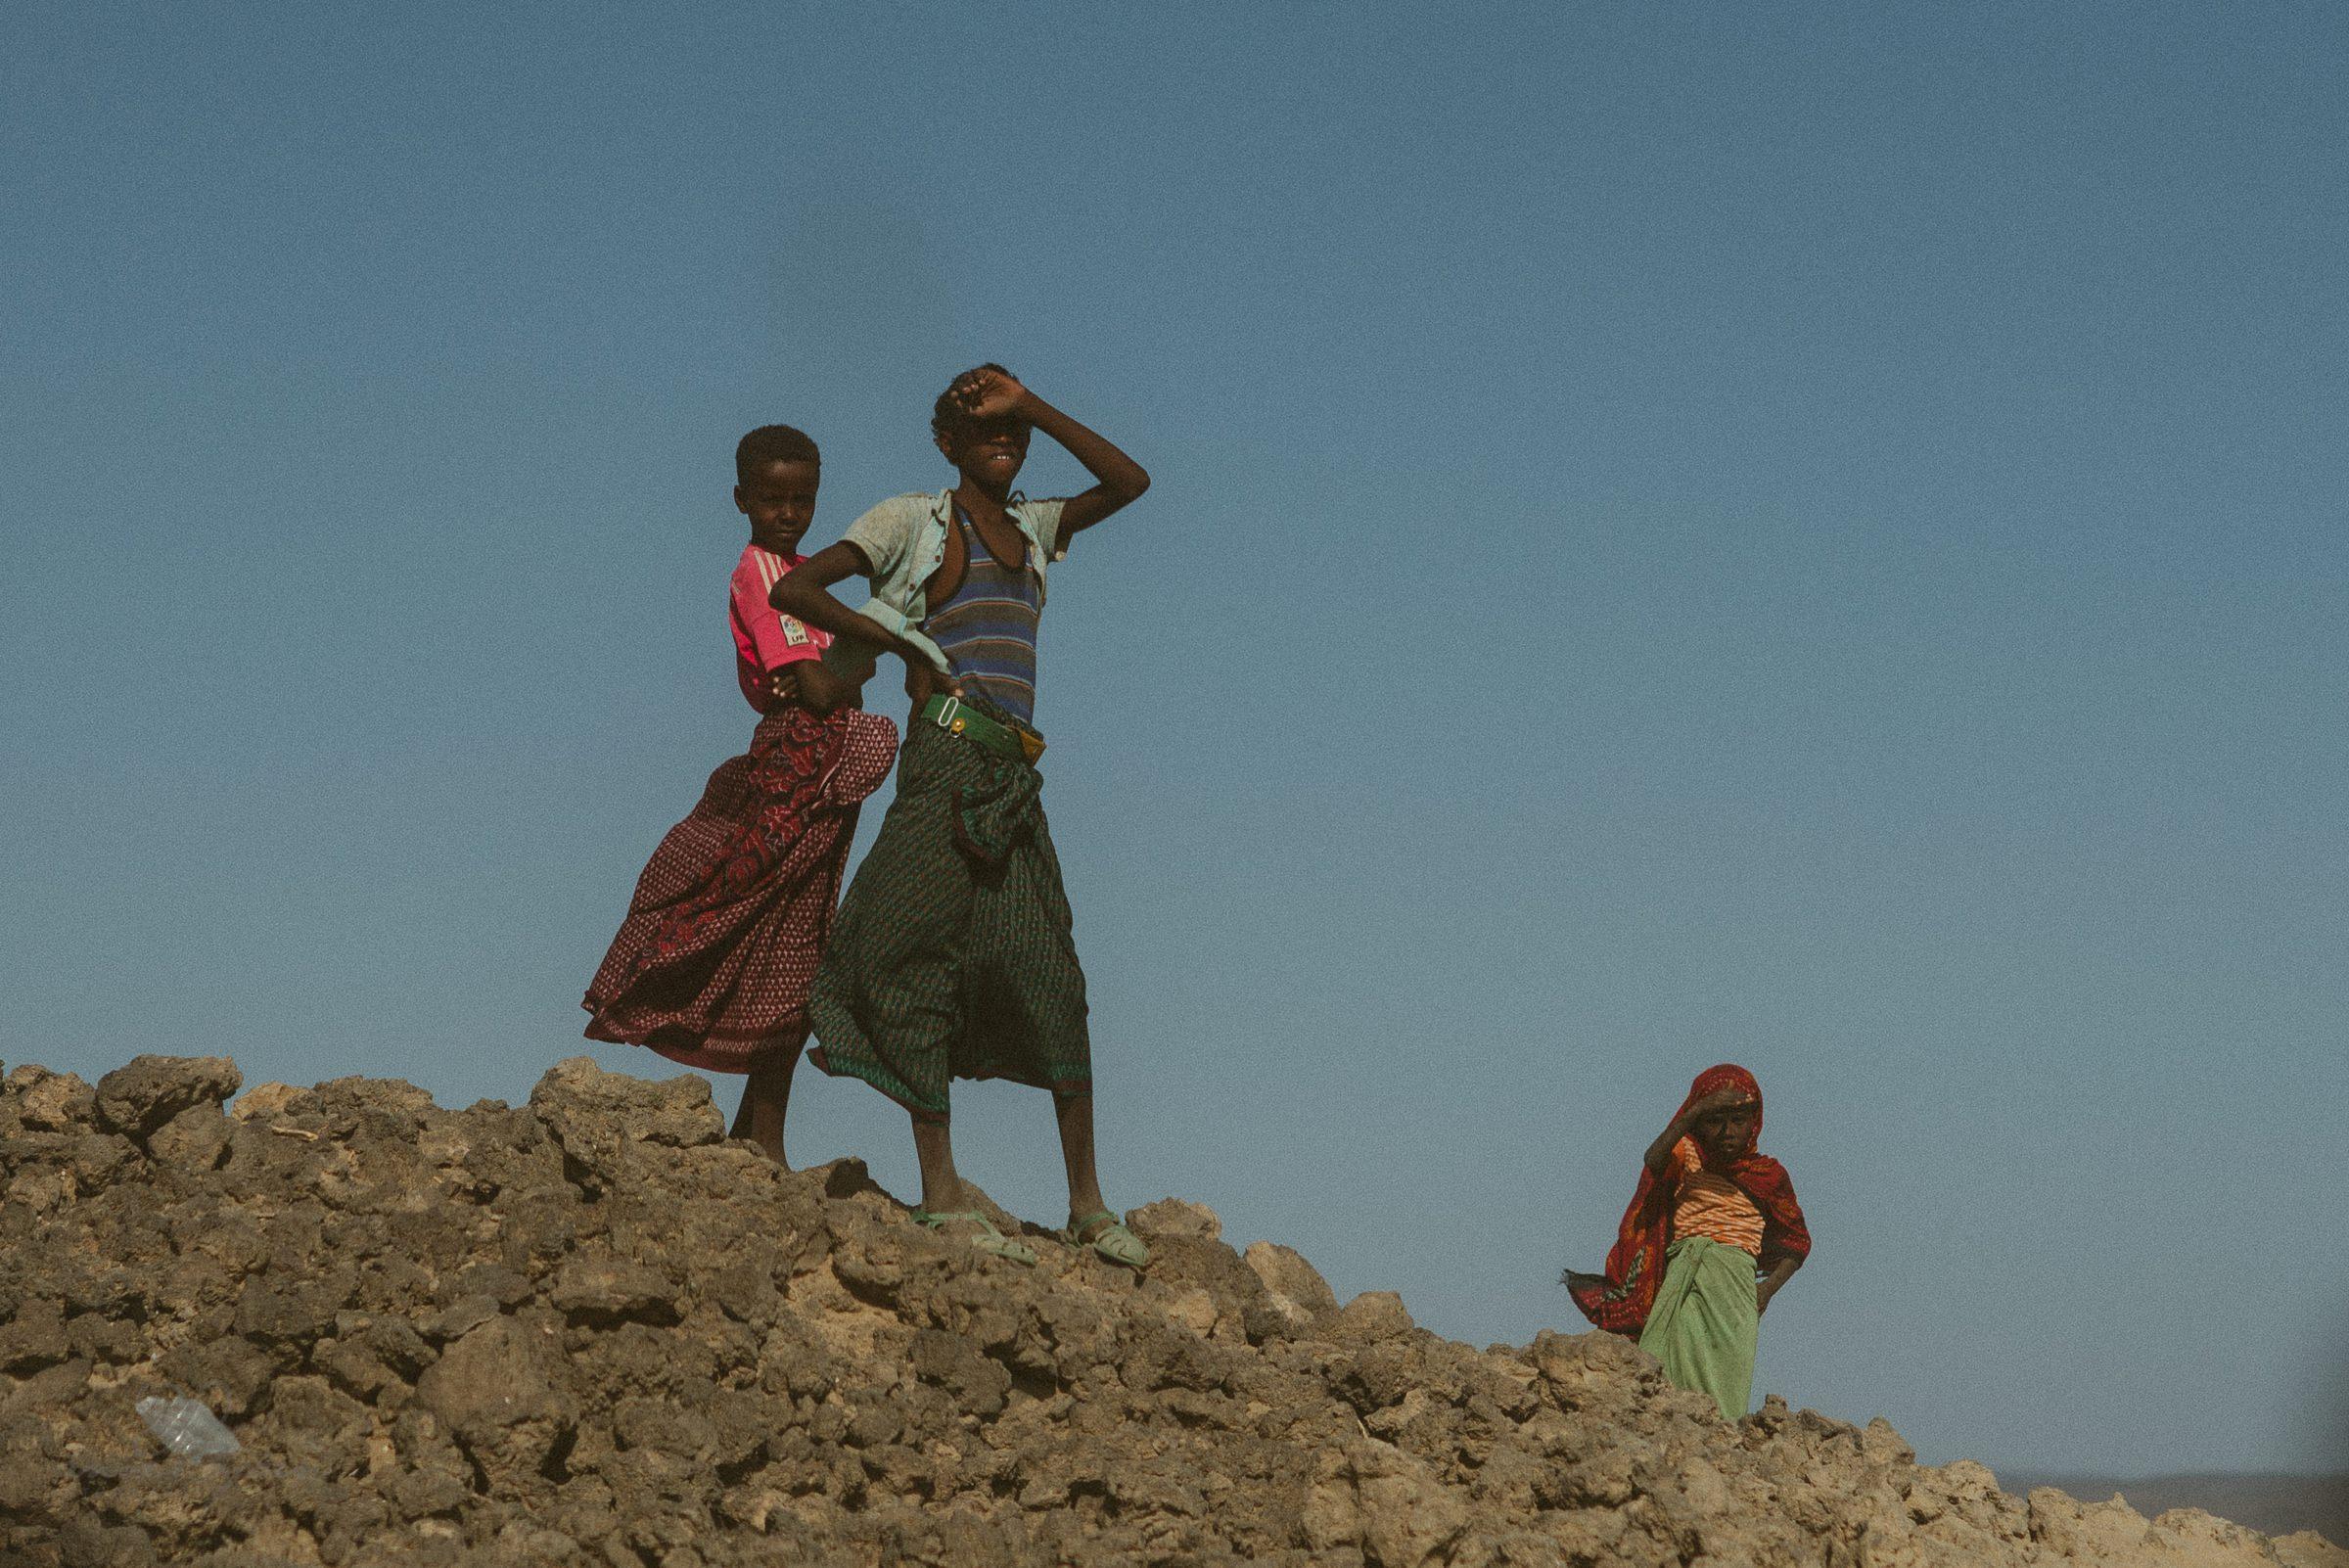 Afar Region, Einheimische, Wüste, Einwohner, Äthiopien